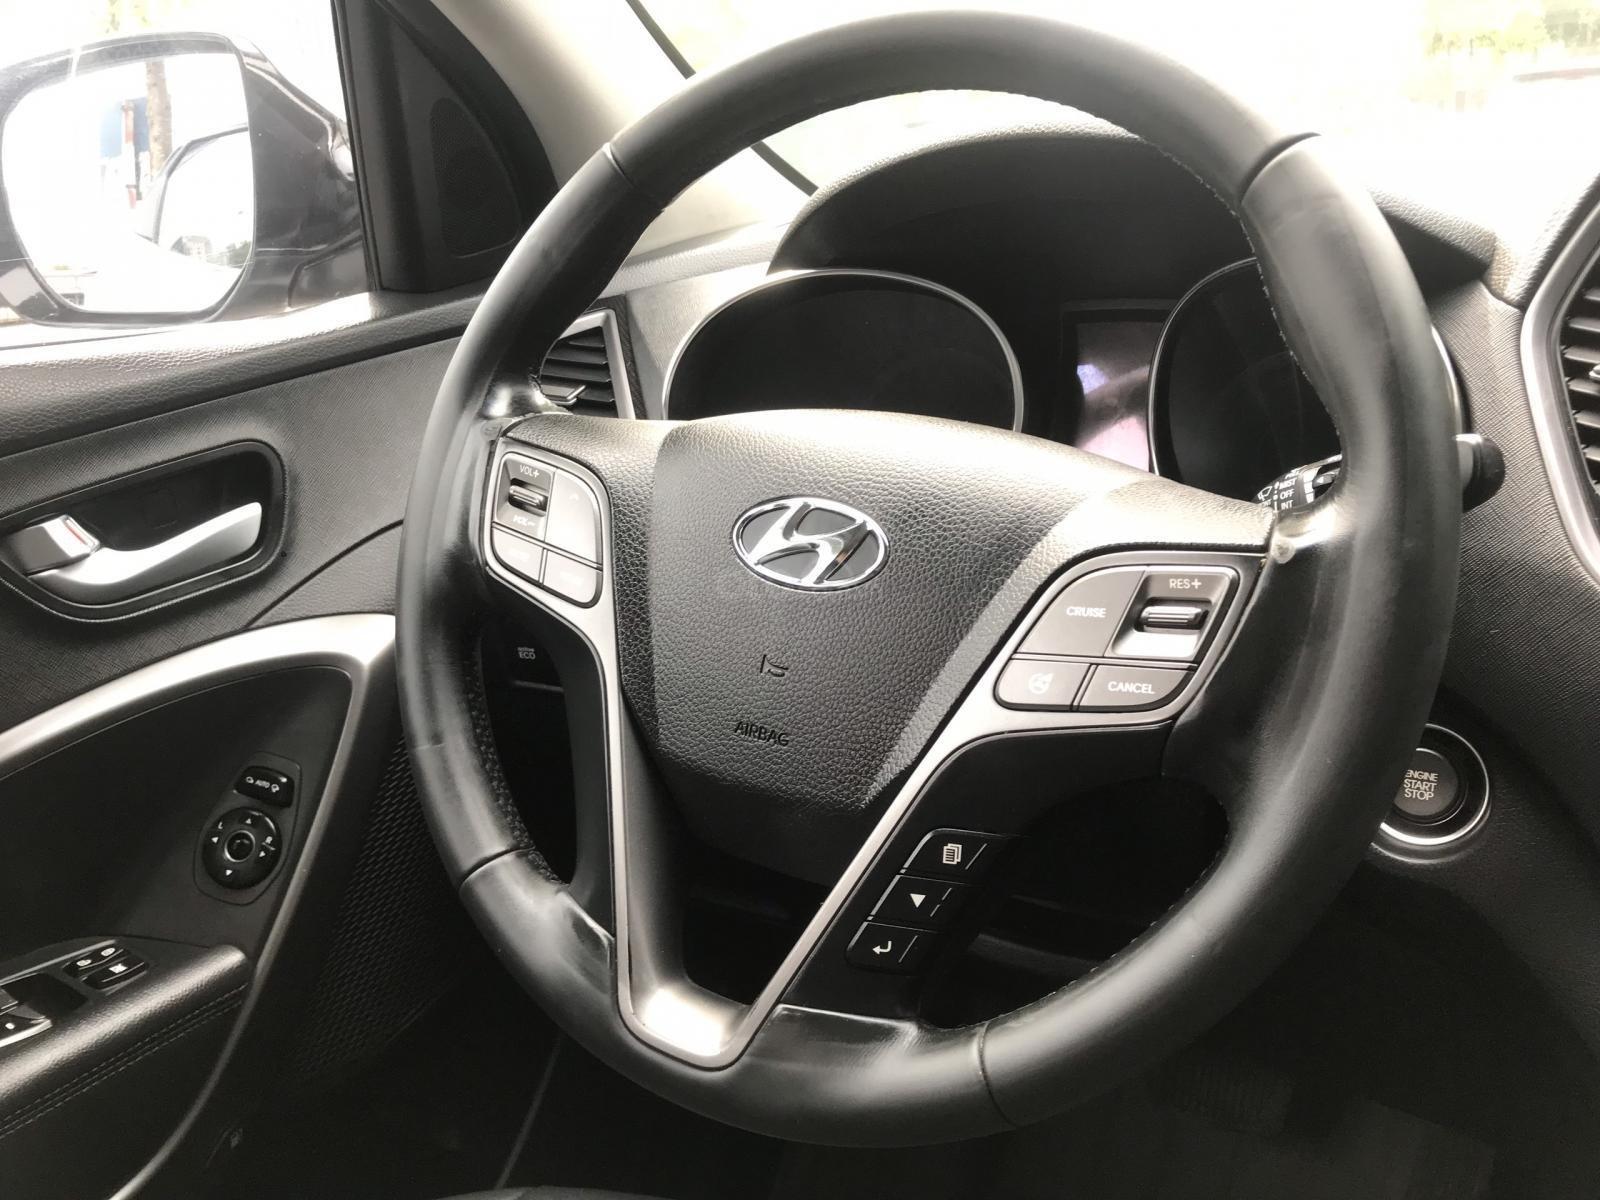 Cần bán Hyundai Santa Fe 2.4 AT năm sản xuất 2013, màu bạc, nhập khẩu nguyên chiếc-6